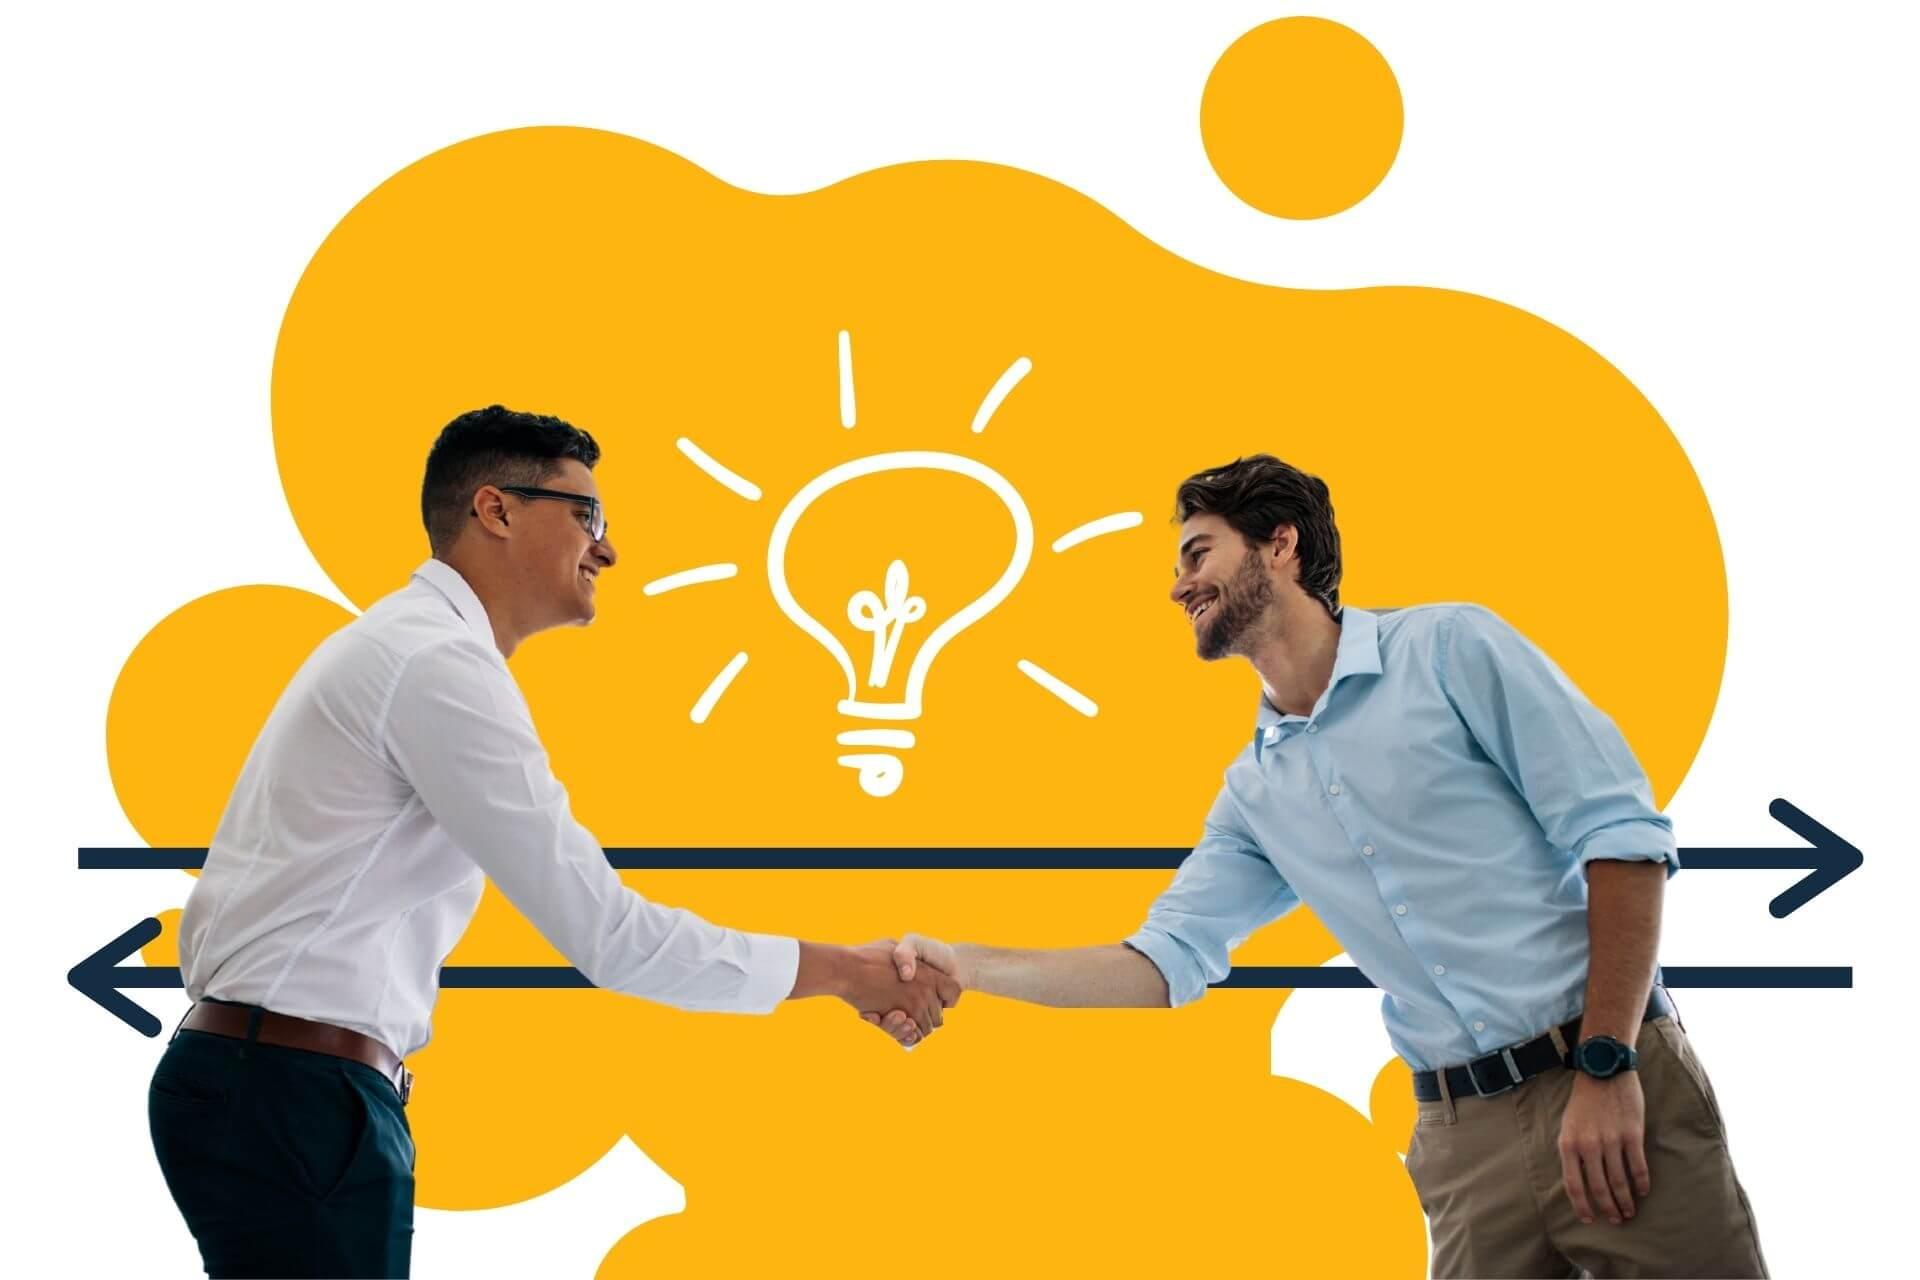 Optimiser la collaboration en entreprise grâce au social learning